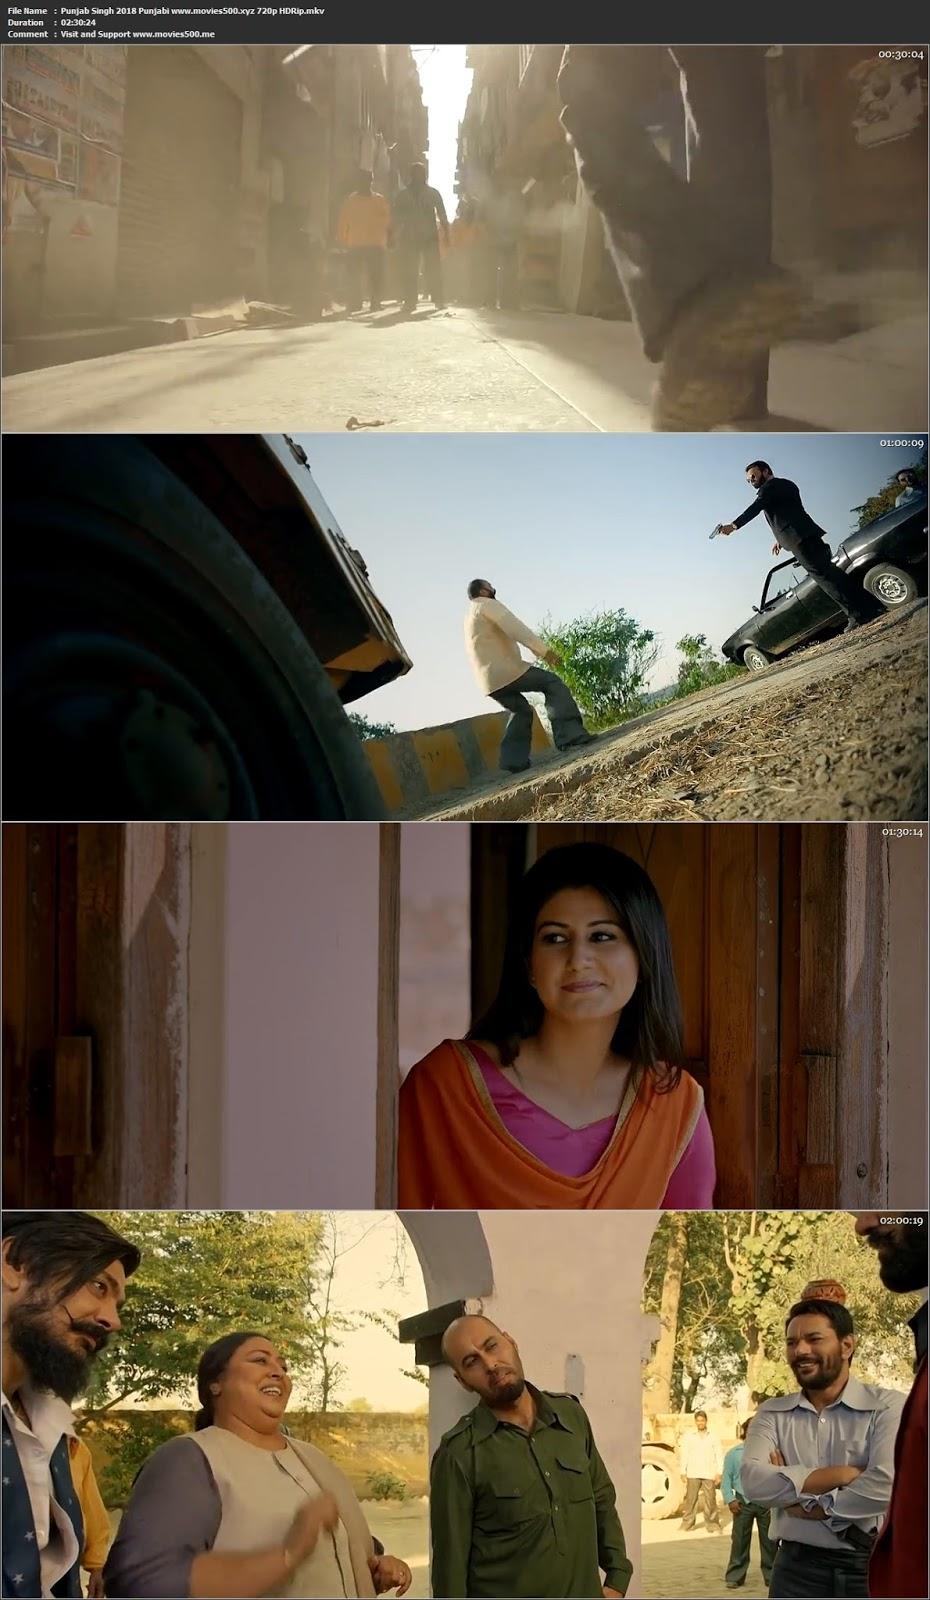 Punjab Singh 2018 Punjabi Full Movie HDRip 720p at s400.bet